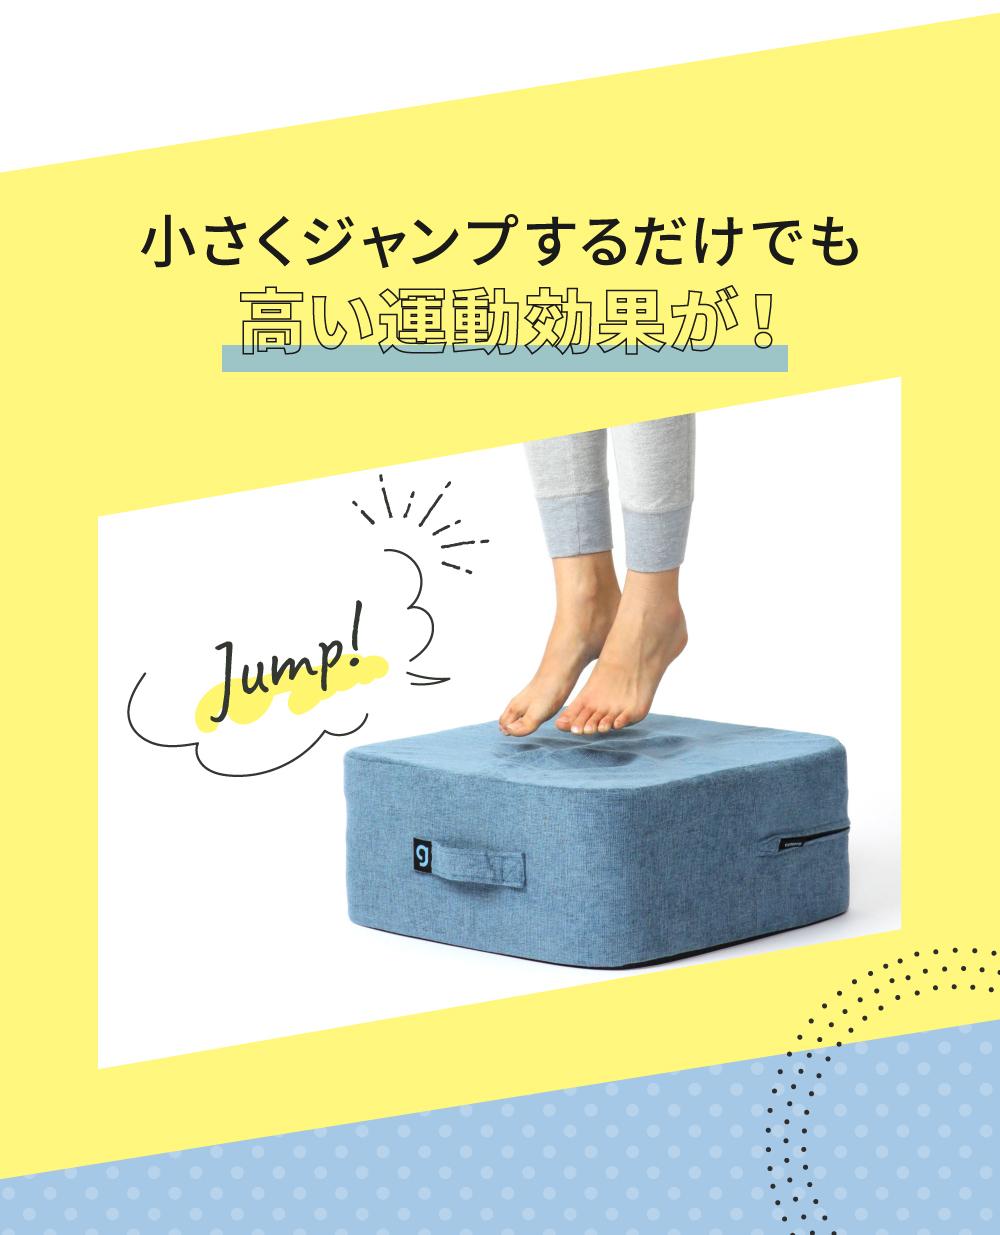 小さくジャンプするだけでも高い運動効果が!